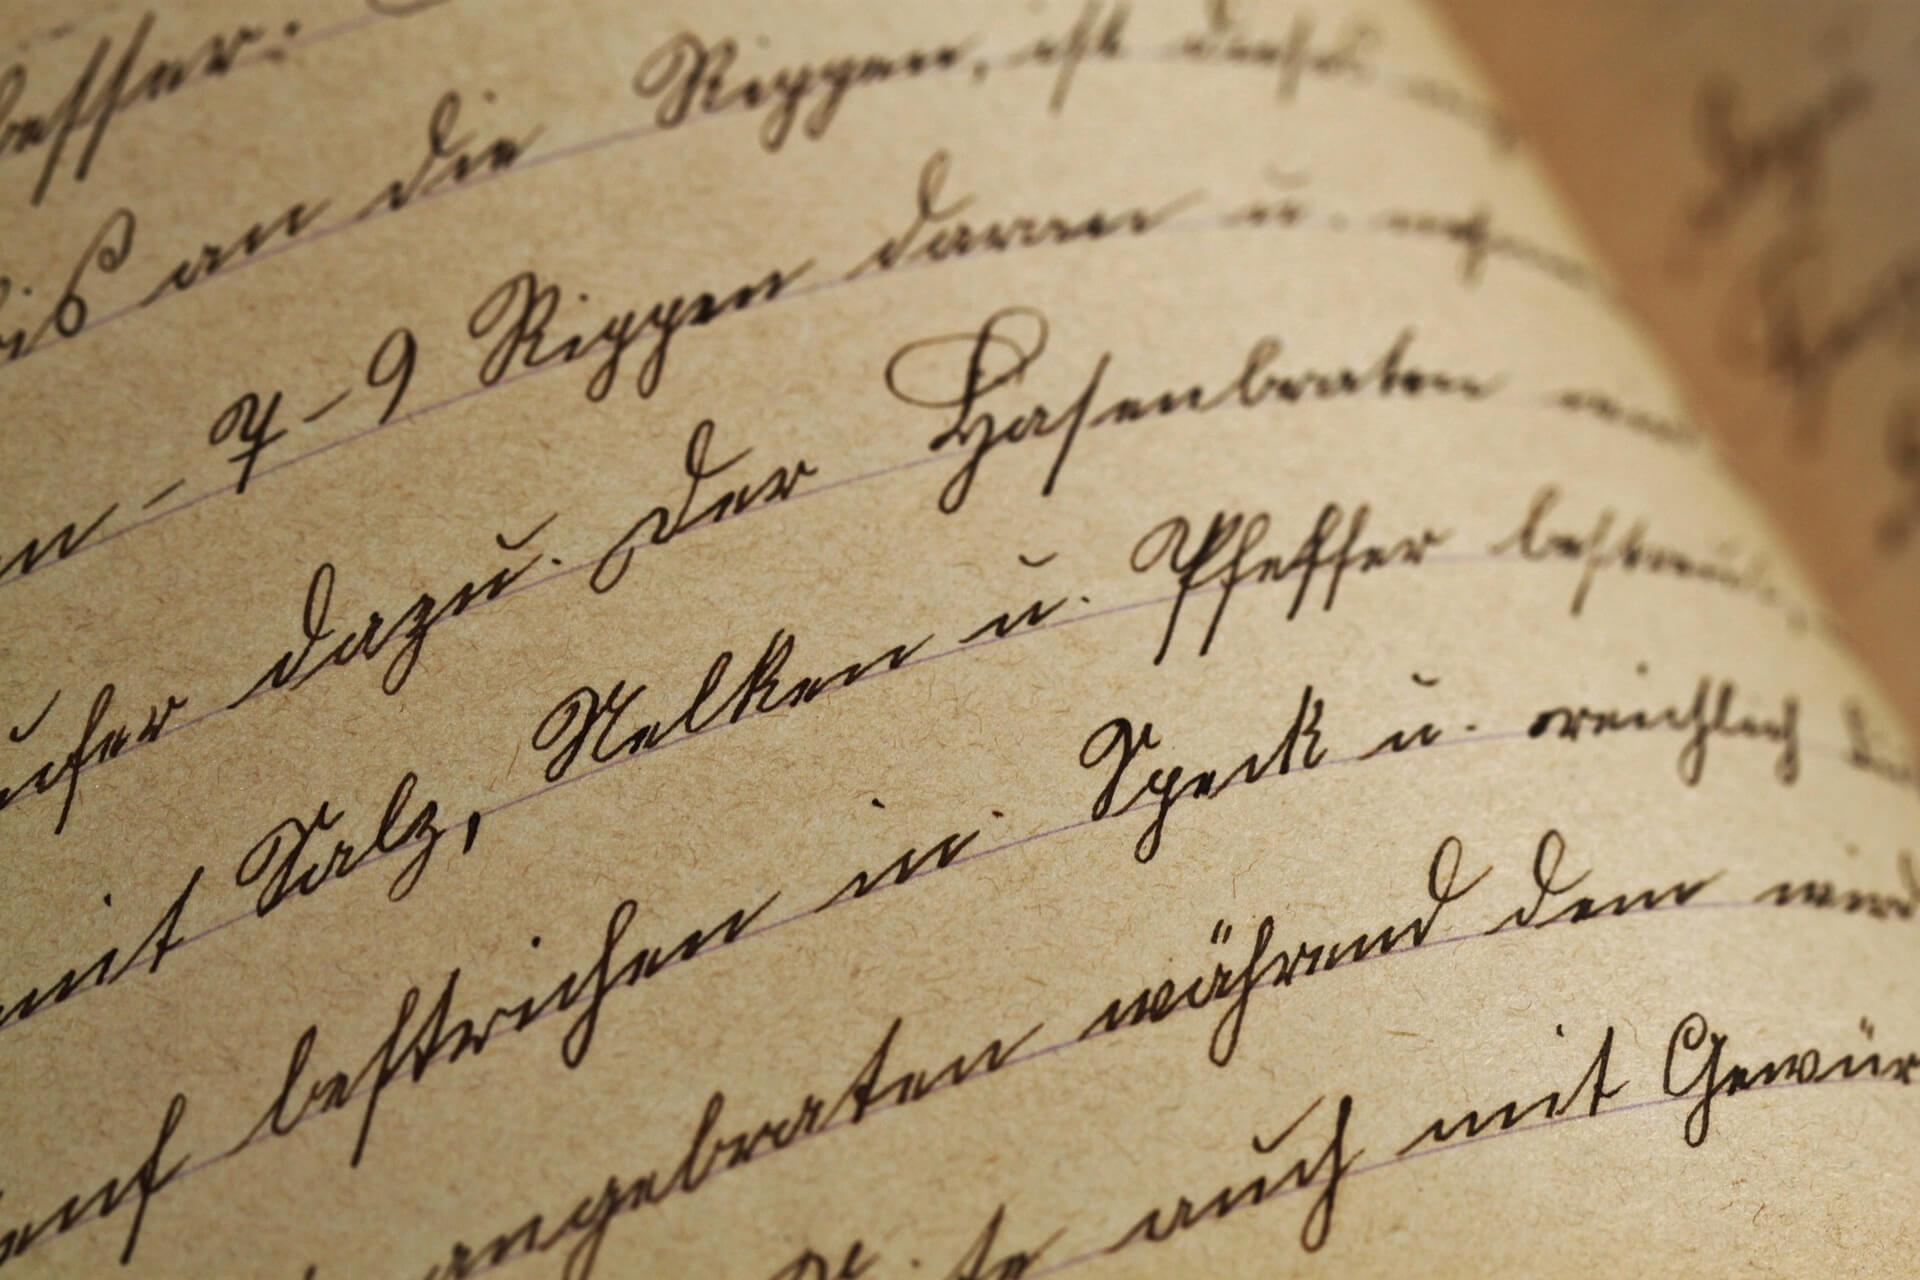 Handschriftprobe verlangt - was soll ich schreiben? | Schneller zur Stelle